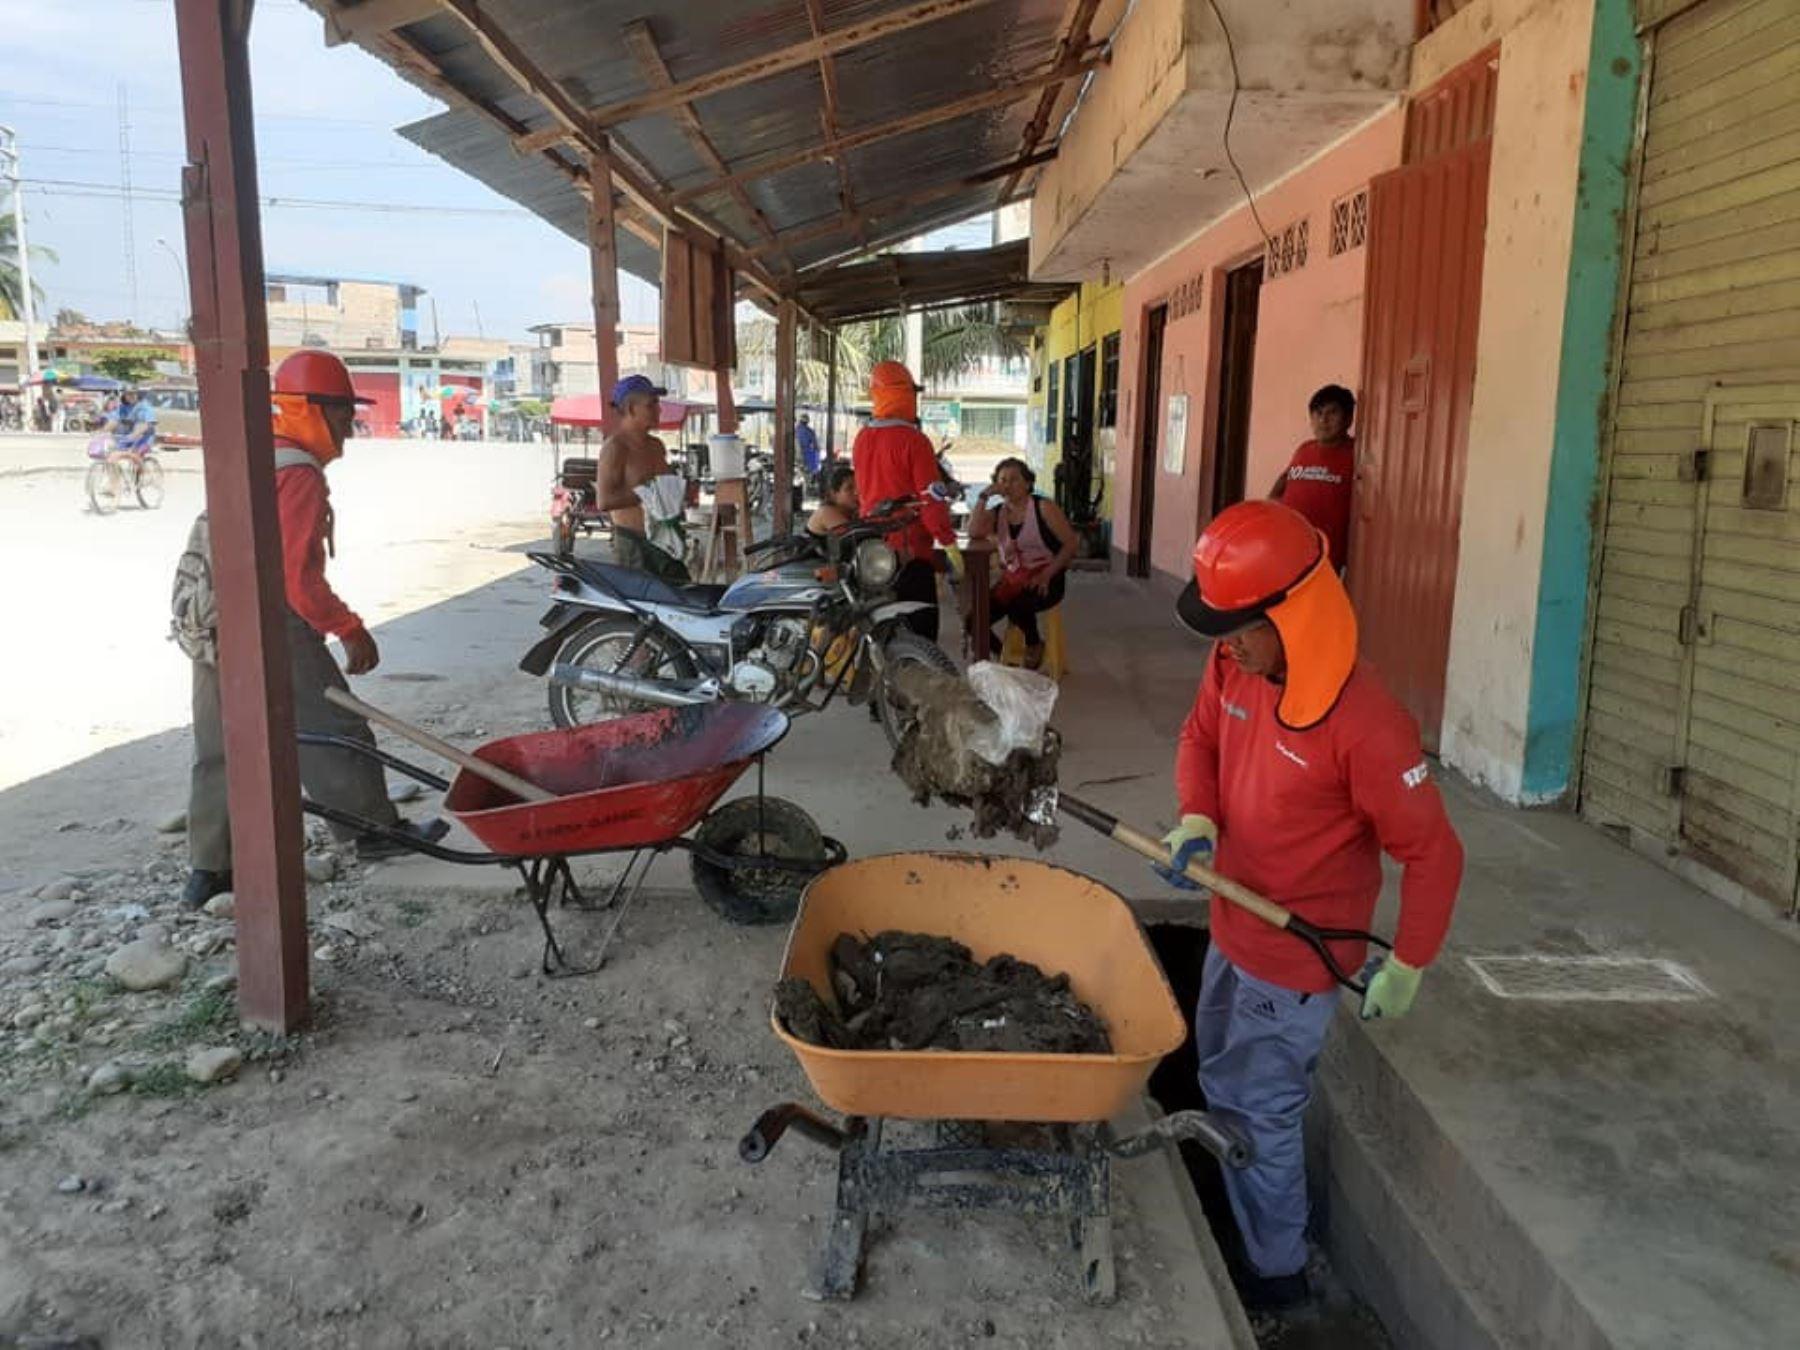 Ejecutivo transfirió cerca de 17 millones de soles a diversas municipalidades de la región San Martín para ejecutar obras de infraestructura urbana en convenio con el programa Trabaja Perú. ANDINA/Difusión